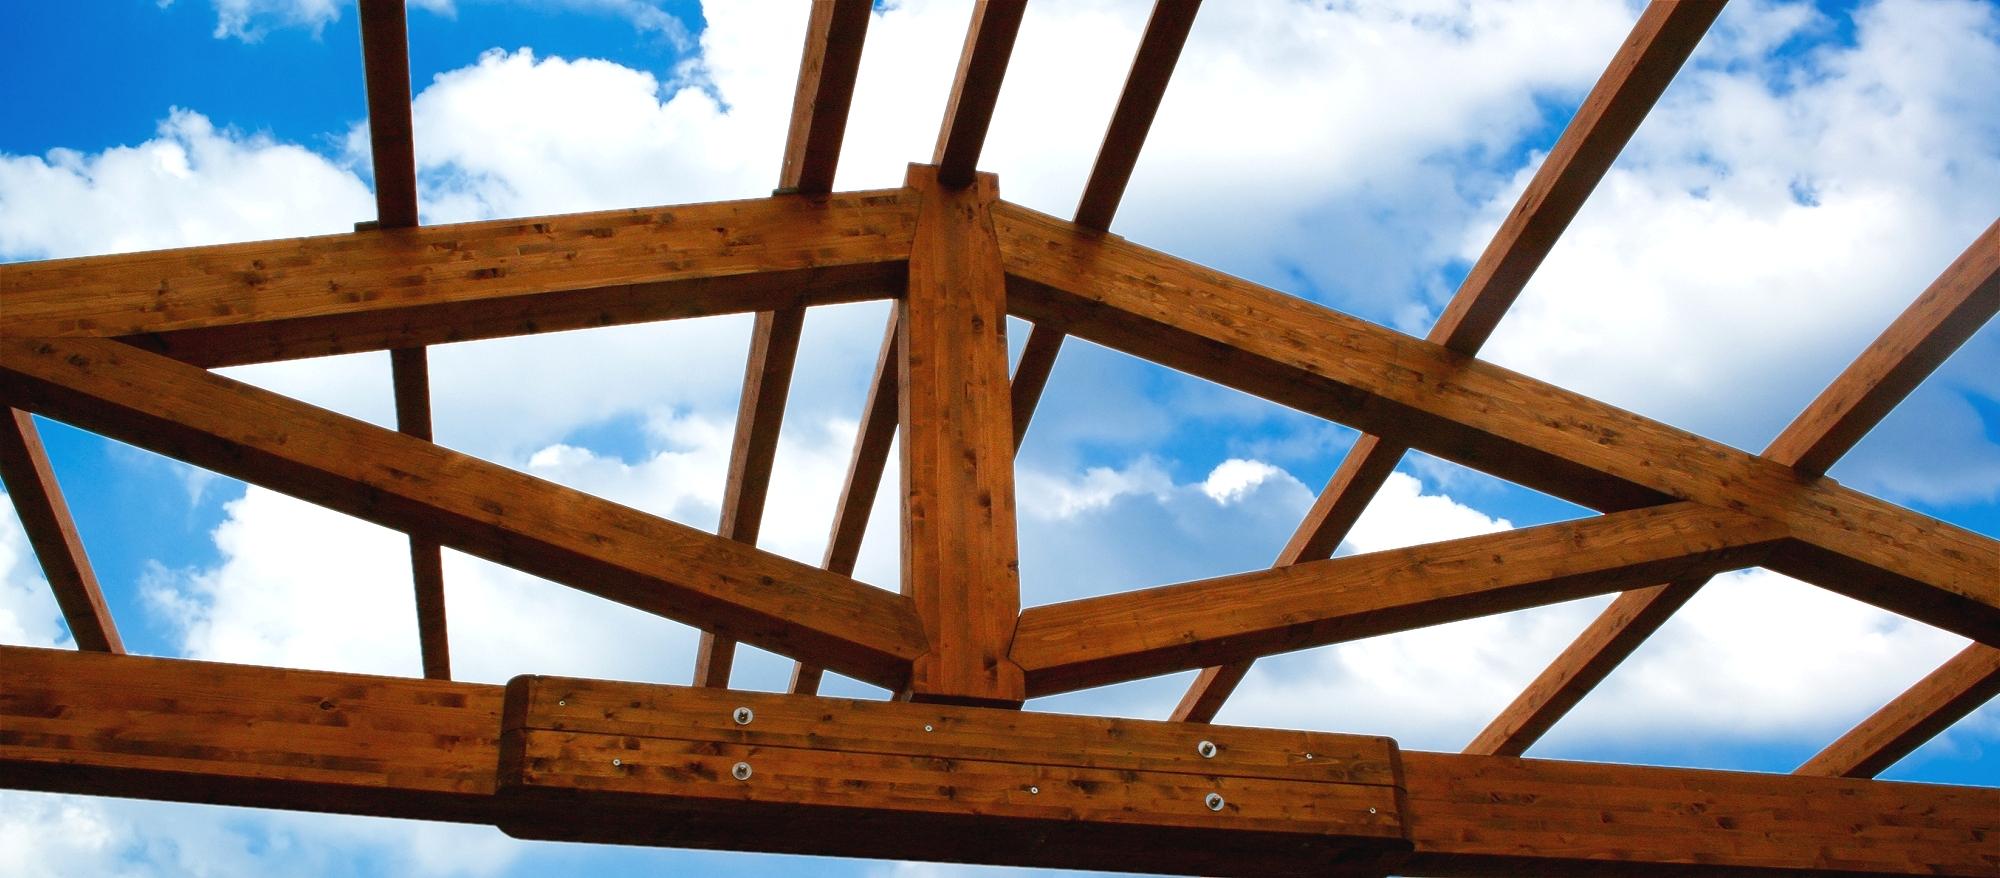 Copertura veranda in legno copertura veranda in legno for Tetti in legno lamellare prezzi al mq